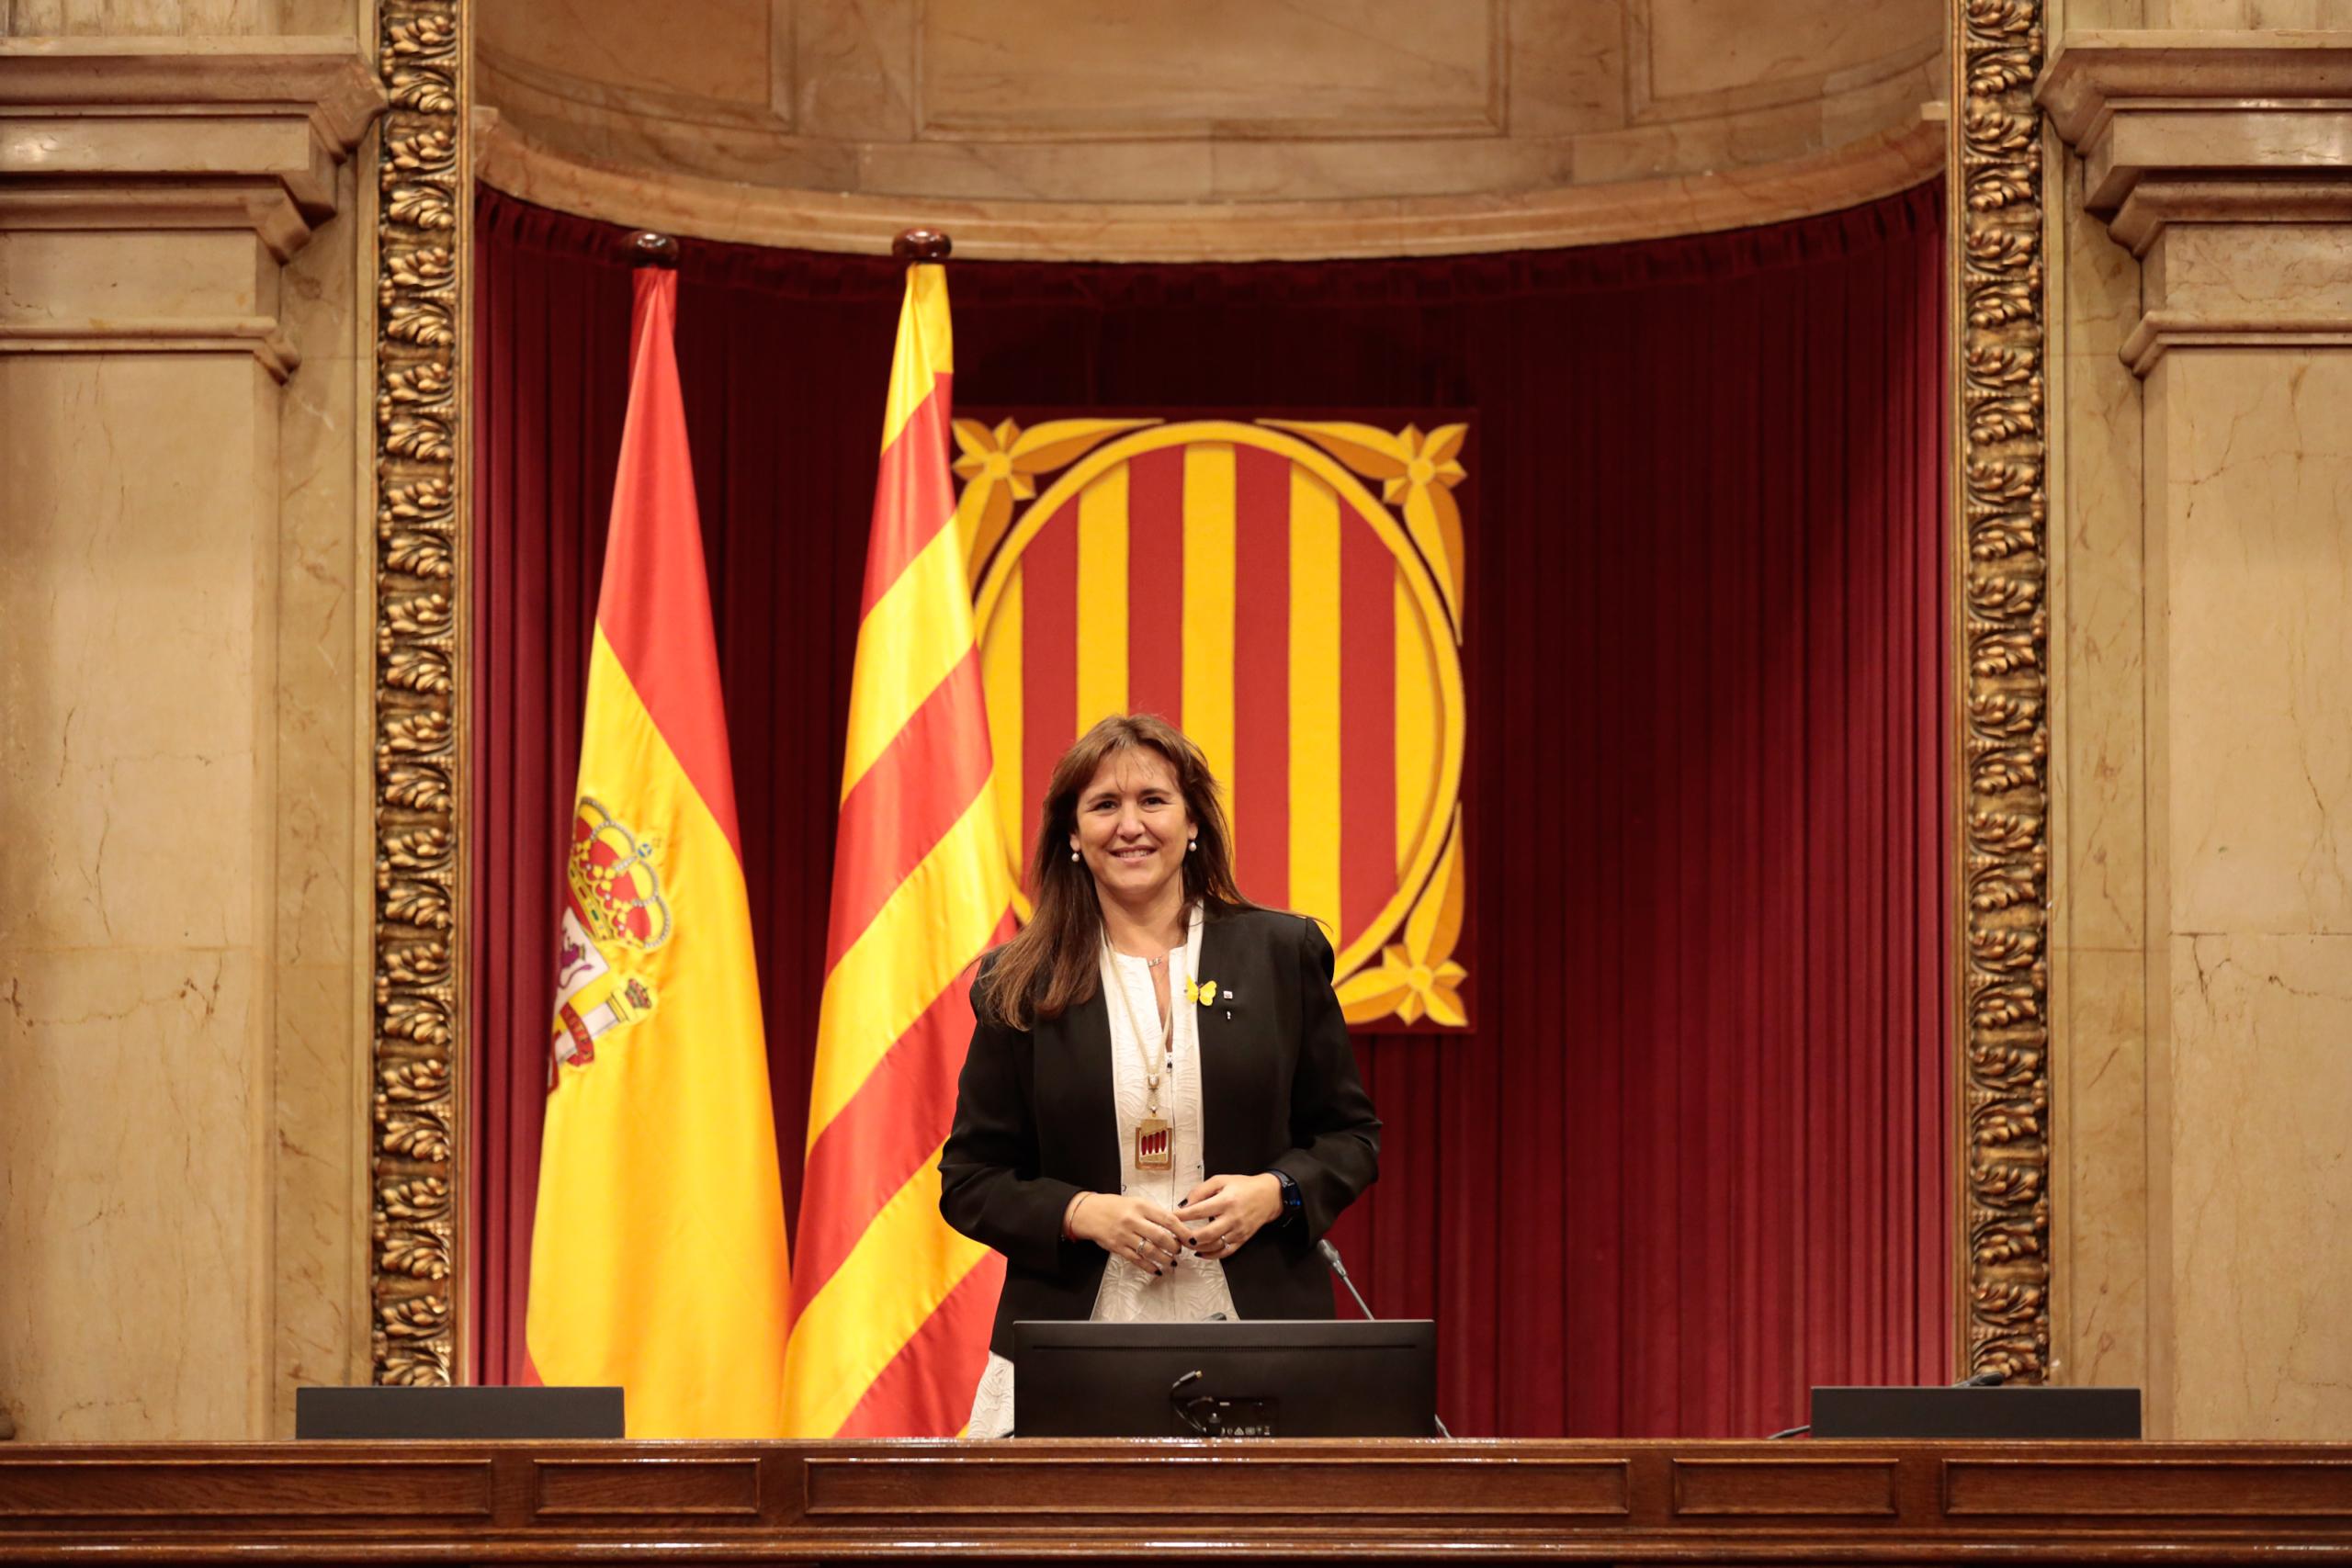 La presidenta del Parlament, Laura Borràs, a l'hemicicle de ñla cambra, després de la seva proclamació, el 12 de març de 2021 / ACN